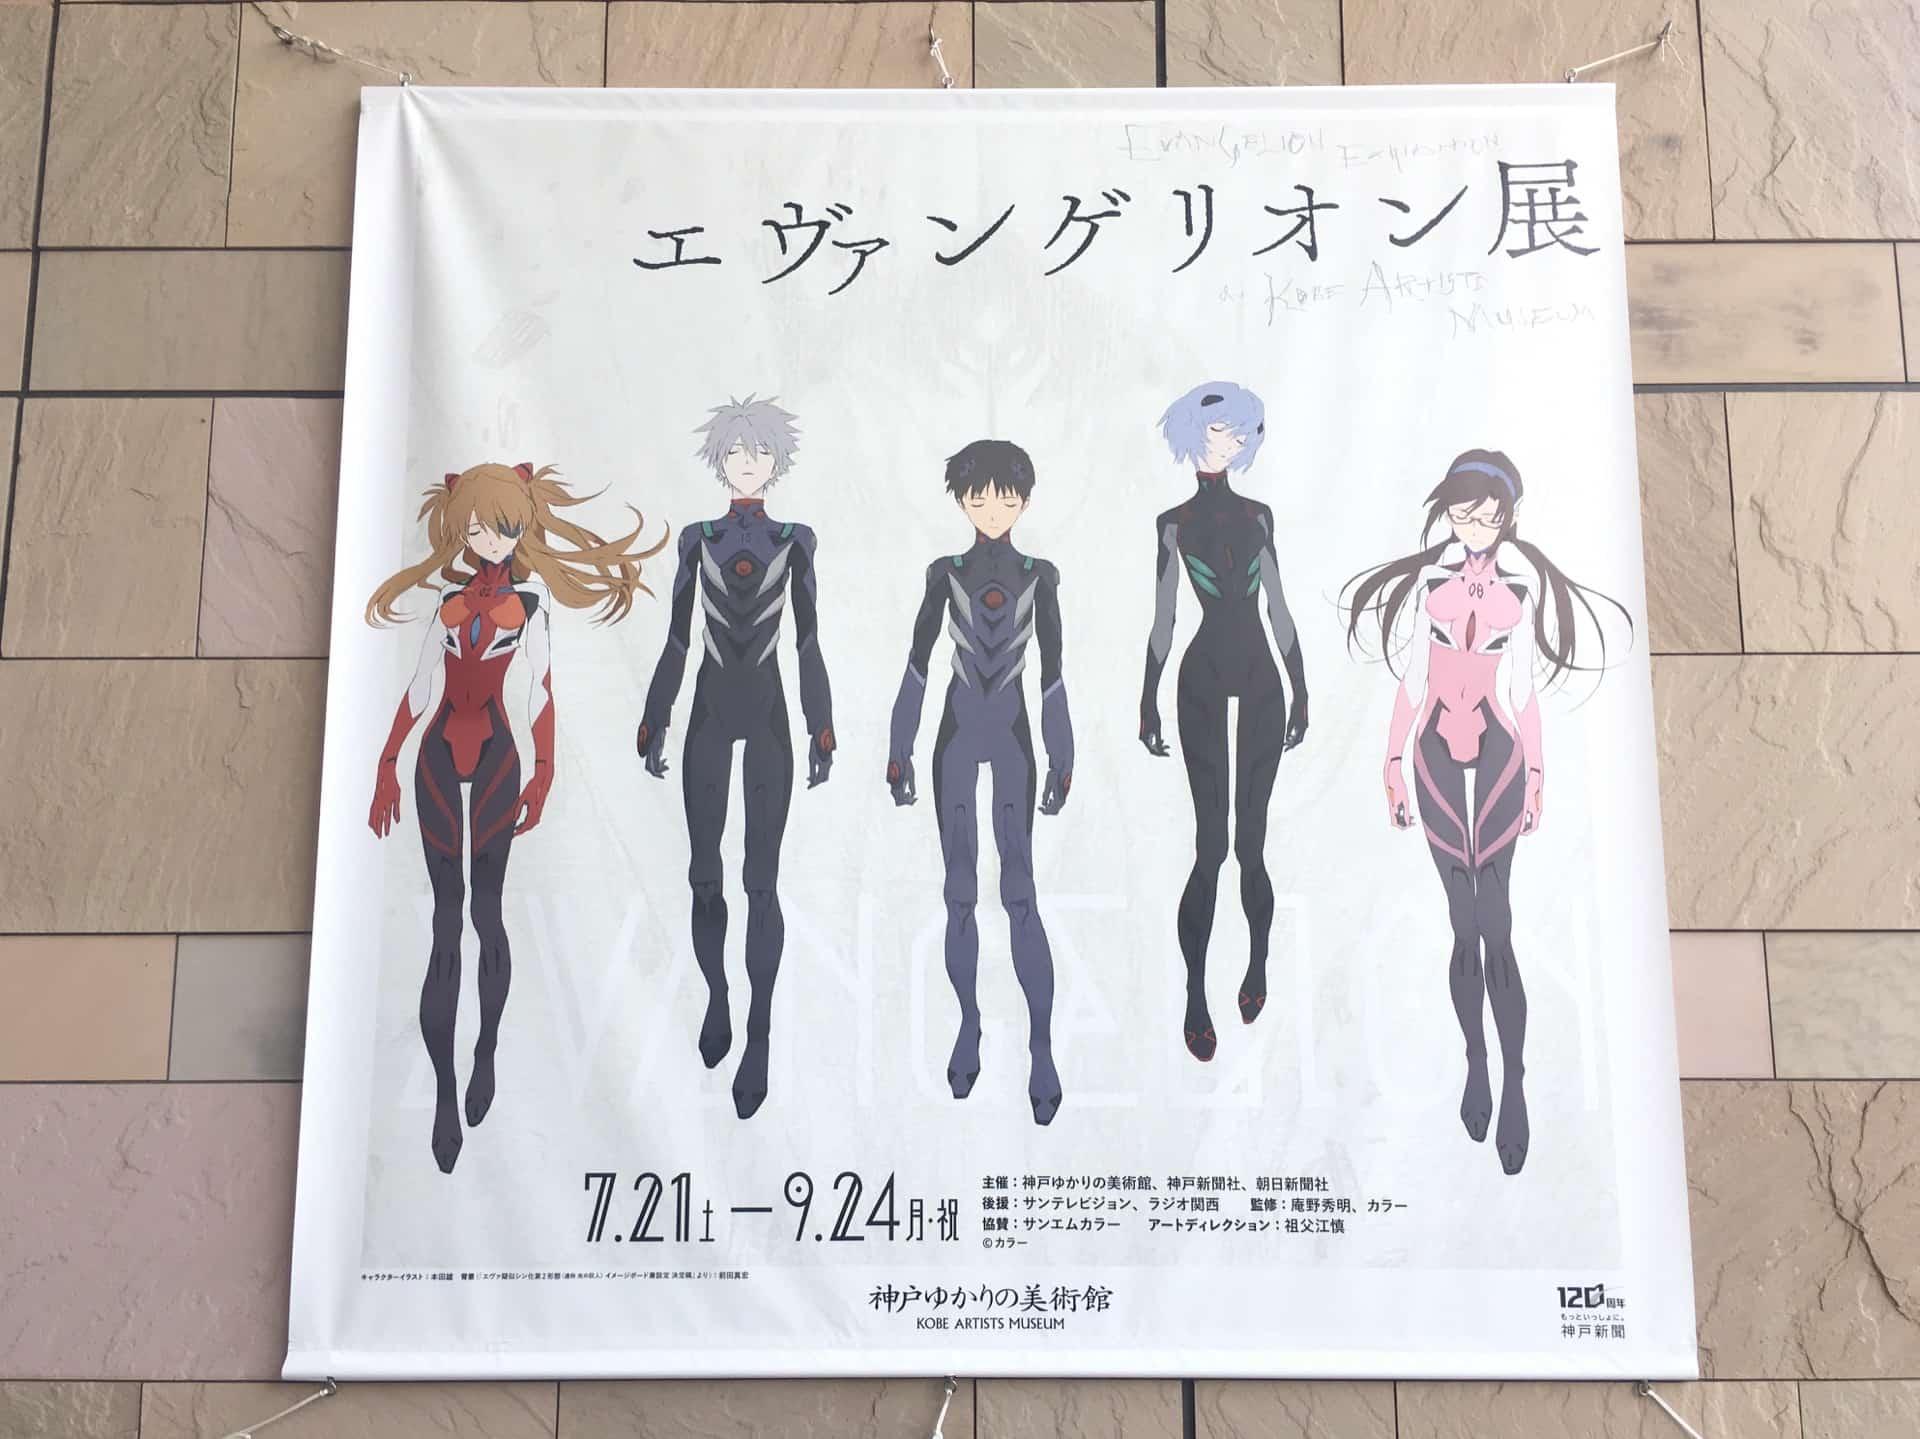 神戸ゆかりの美術館で「エヴァンゲリオン展」開催!約1300点の作品・資料が見られるプレミアムなイベント